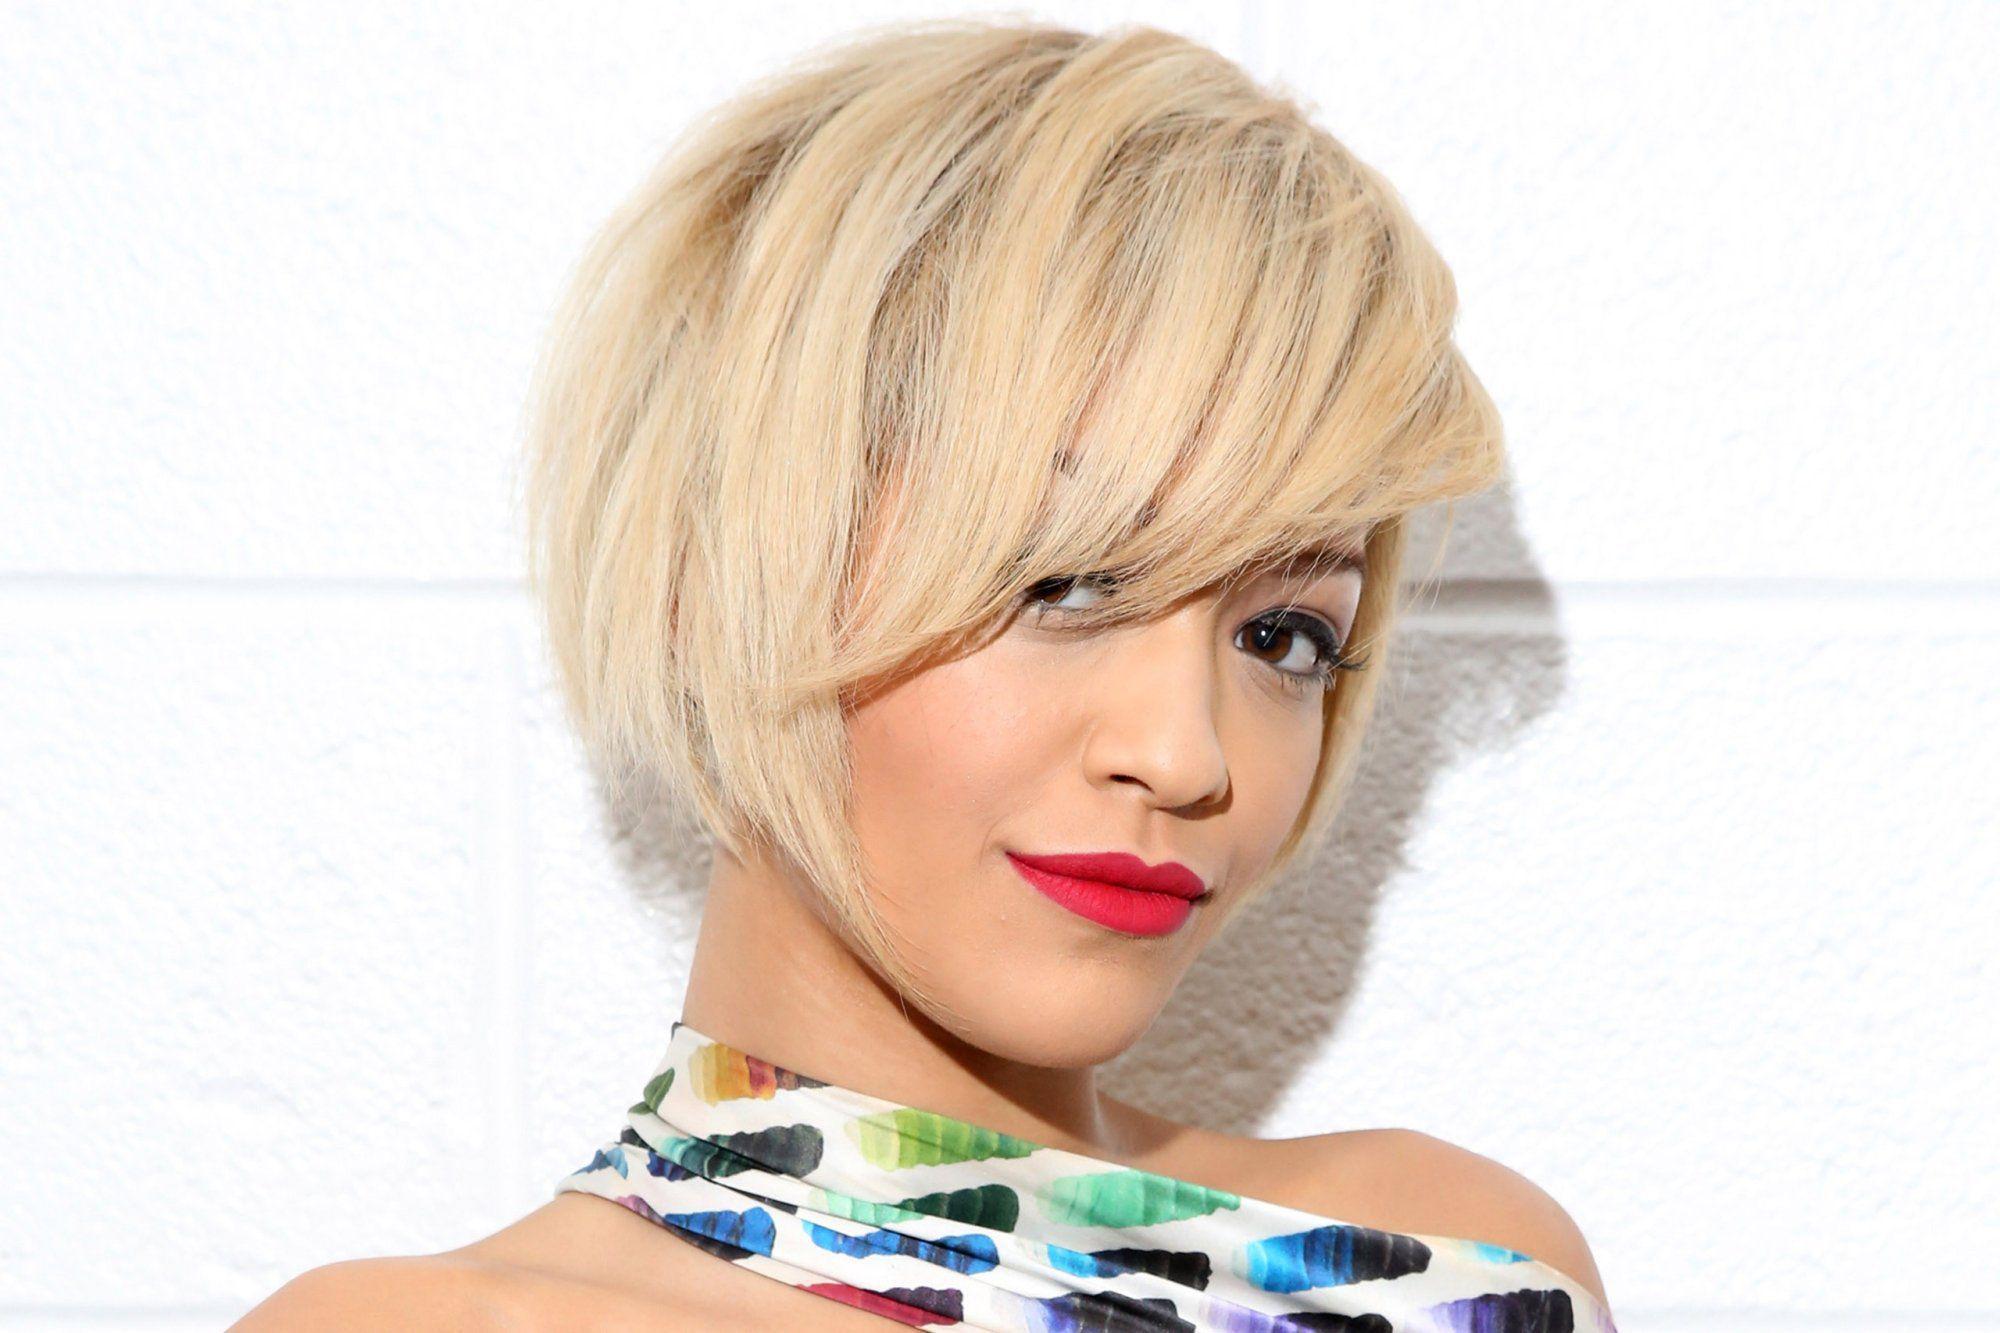 Rita Ora Wallpapers